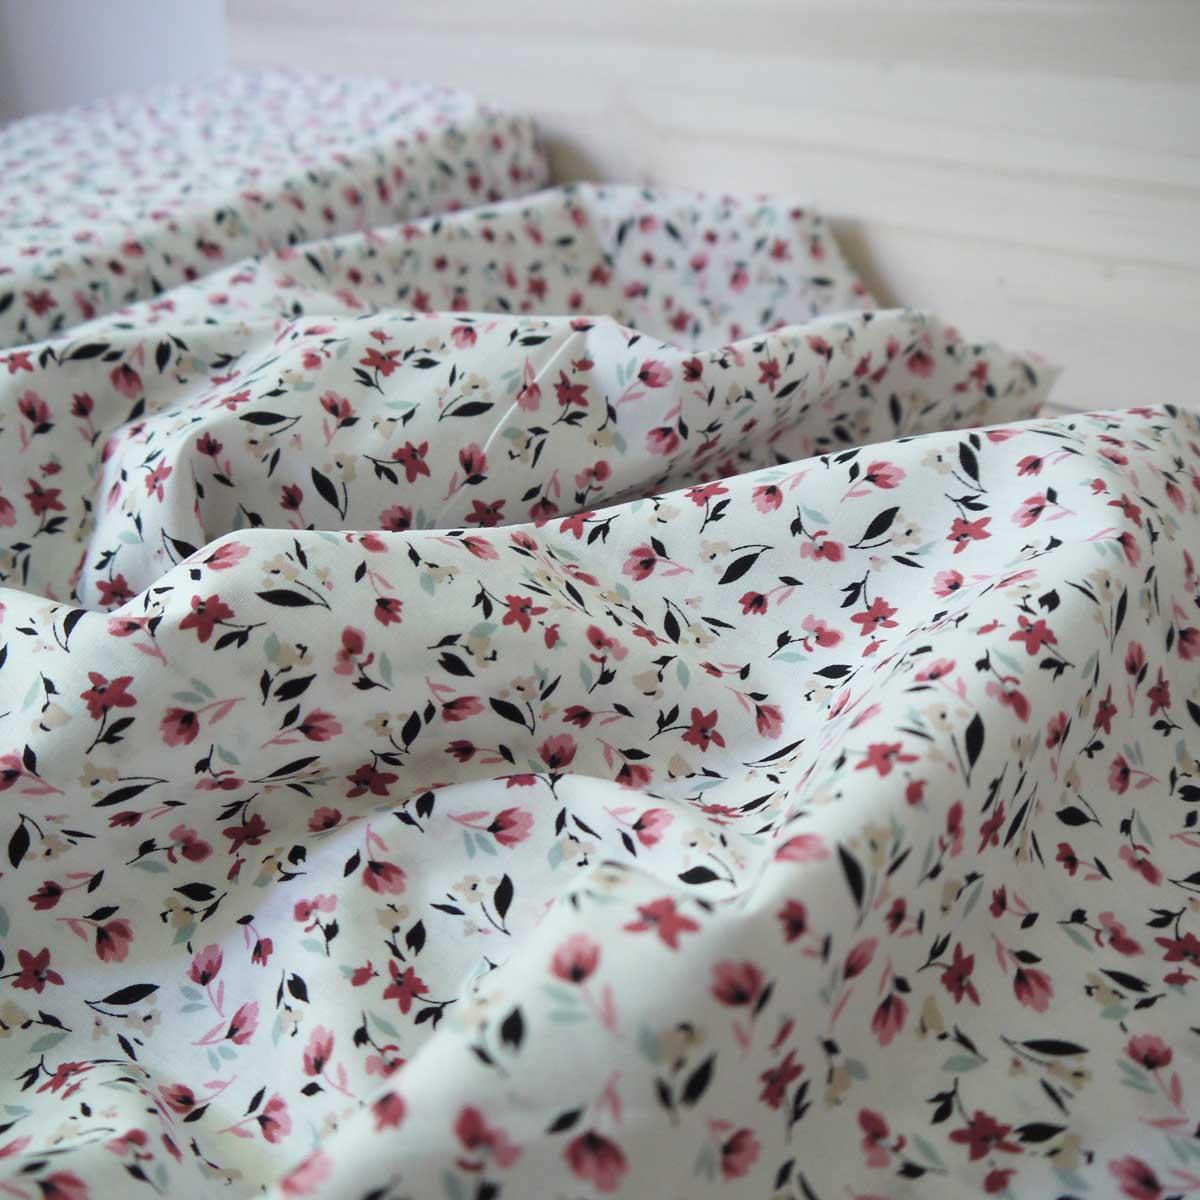 Baptiste-de-coton_Petites-fleurs_BLANC-01